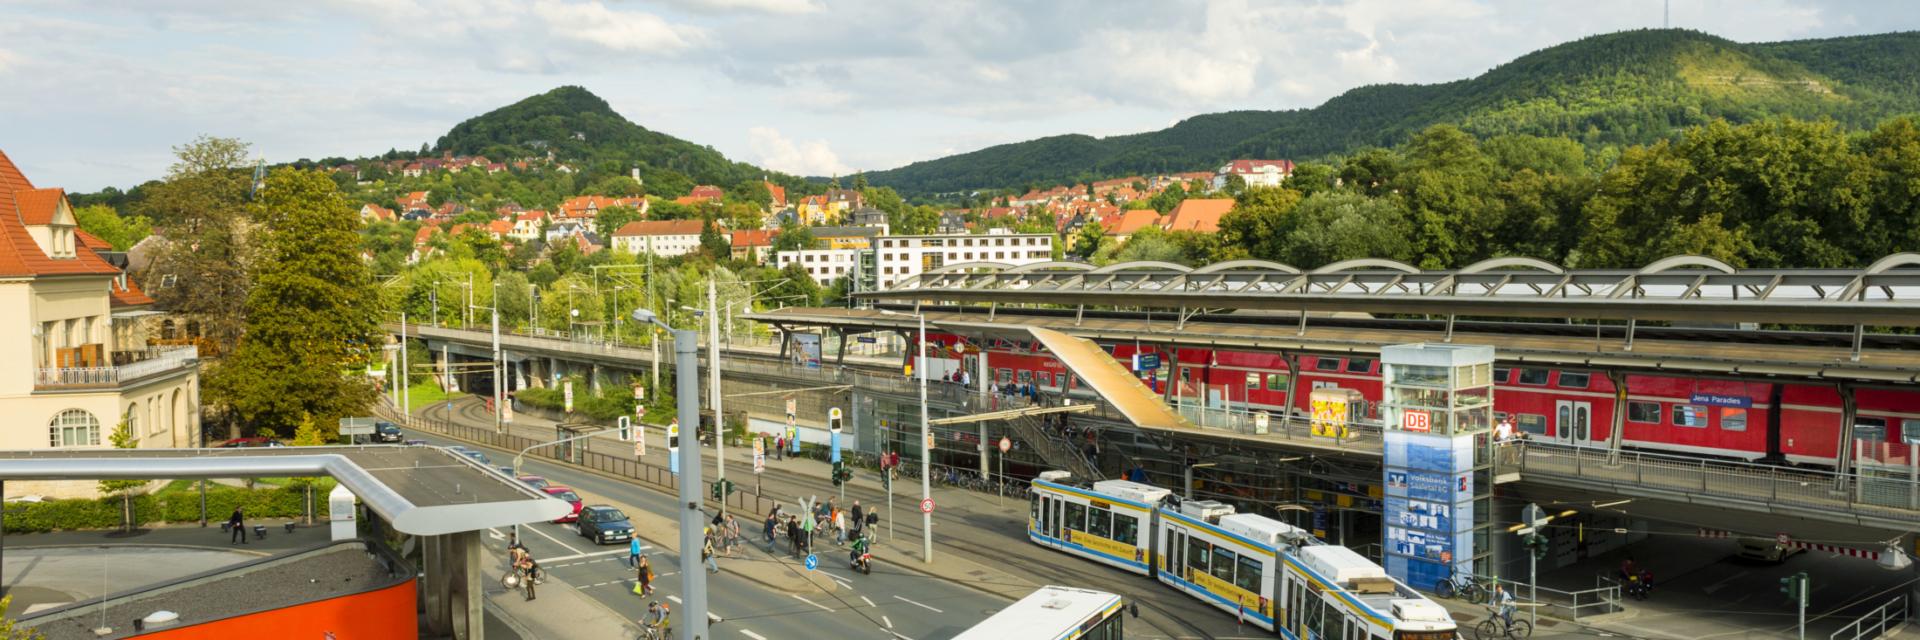 Blick auf Kreuzung vom Paradies- und Busbahnhof mit Fahrzeugen des ÖPNV - Mit dem Veranstaltungsticket fährt es sich einfacher